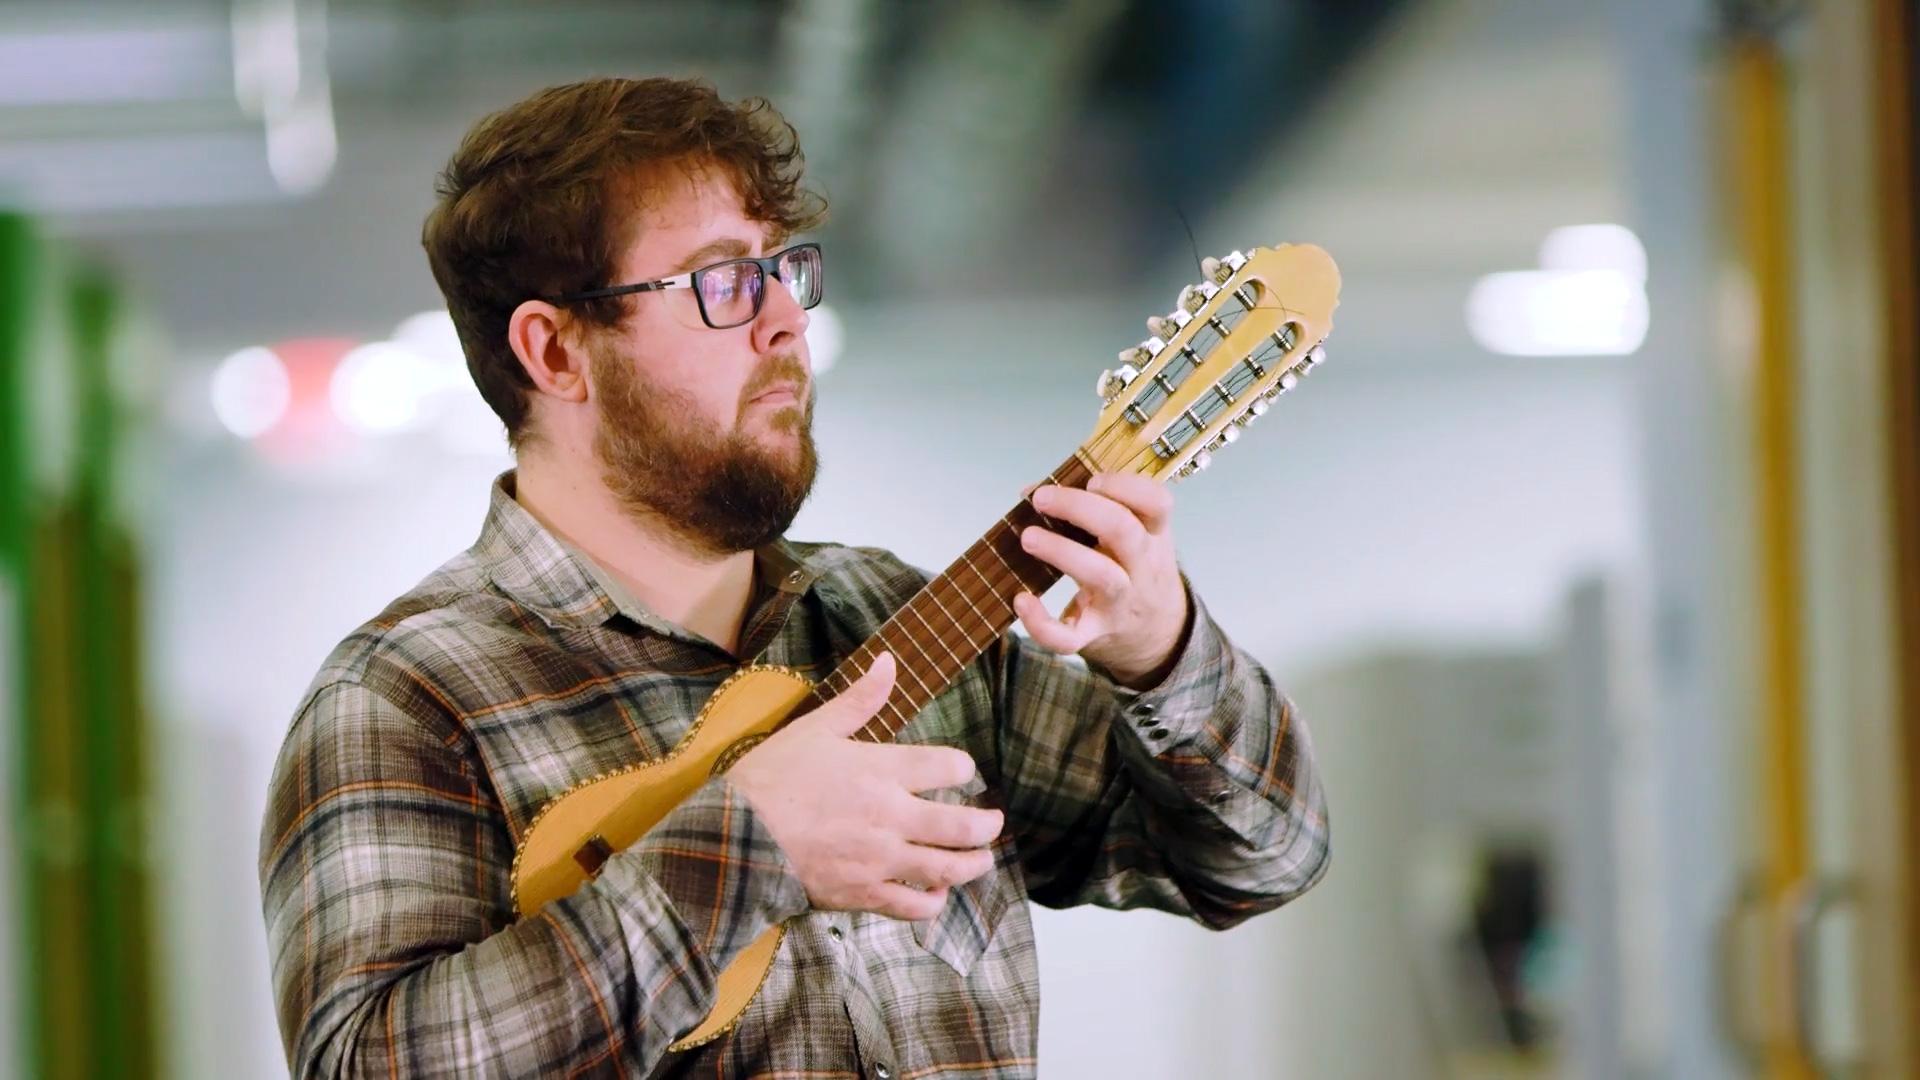 SDI Innovations employee playing ukulele.